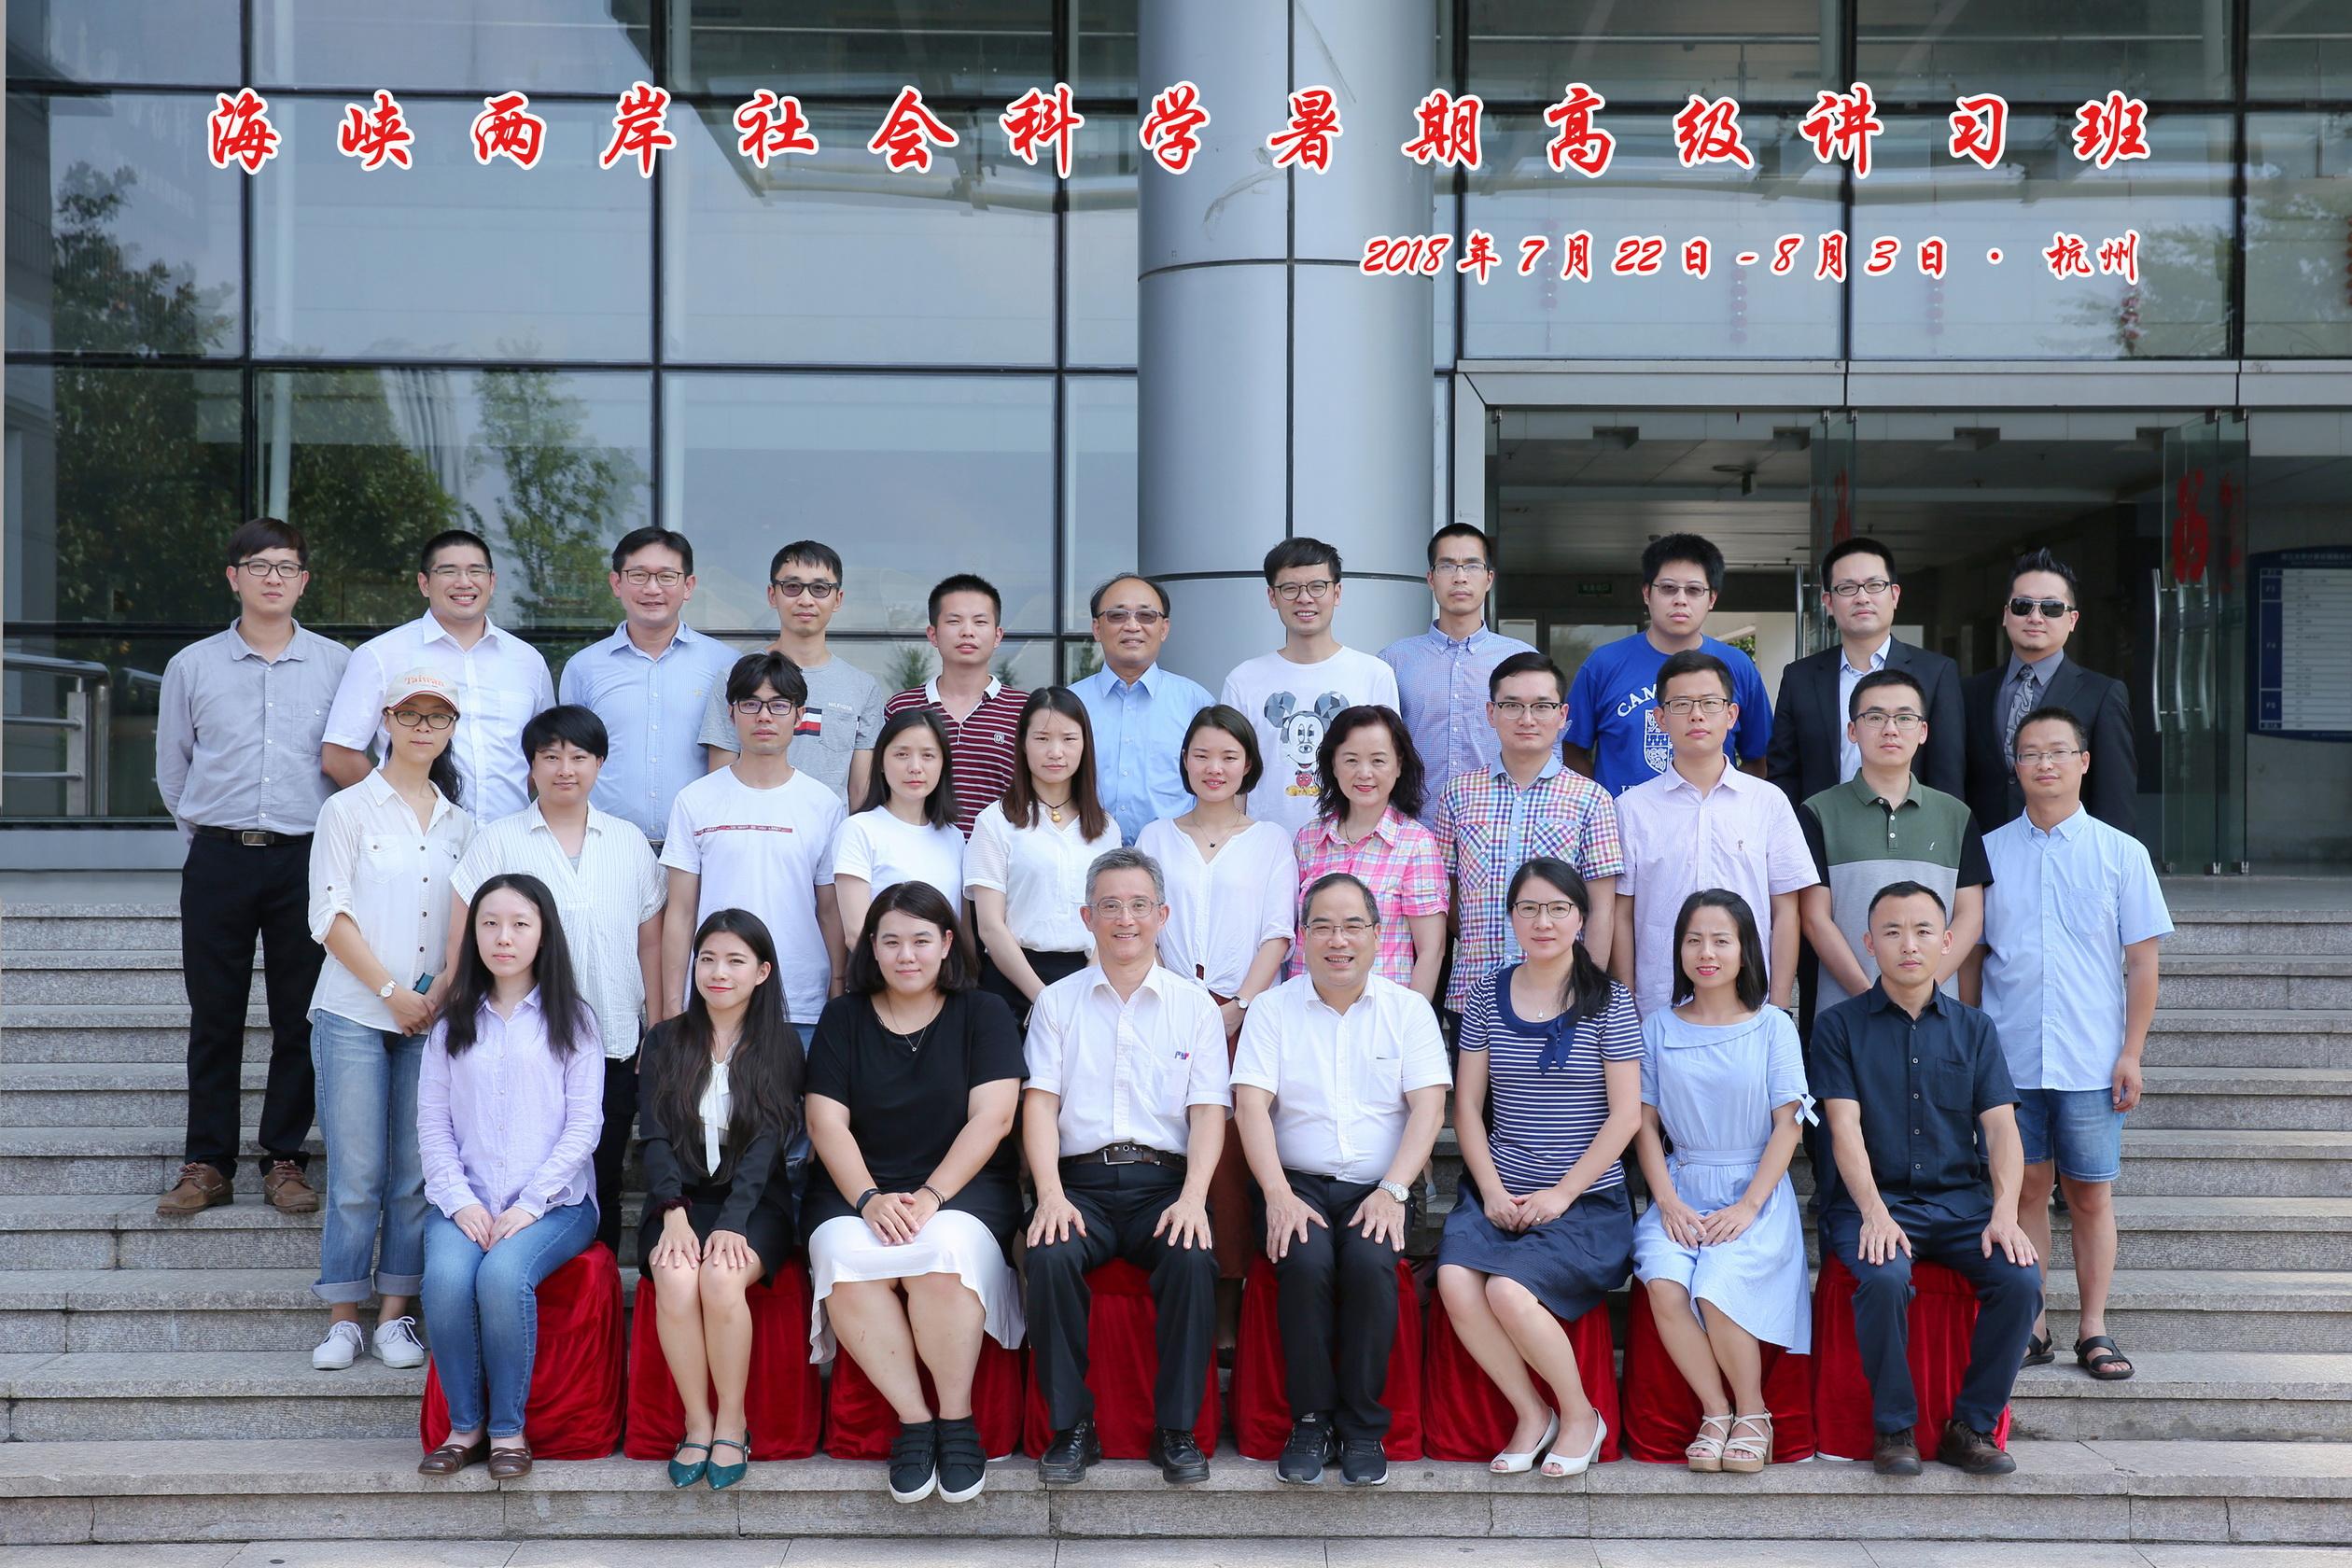 第七屆兩岸社會科學研習營:「治理的中國模式:國際比較」合照